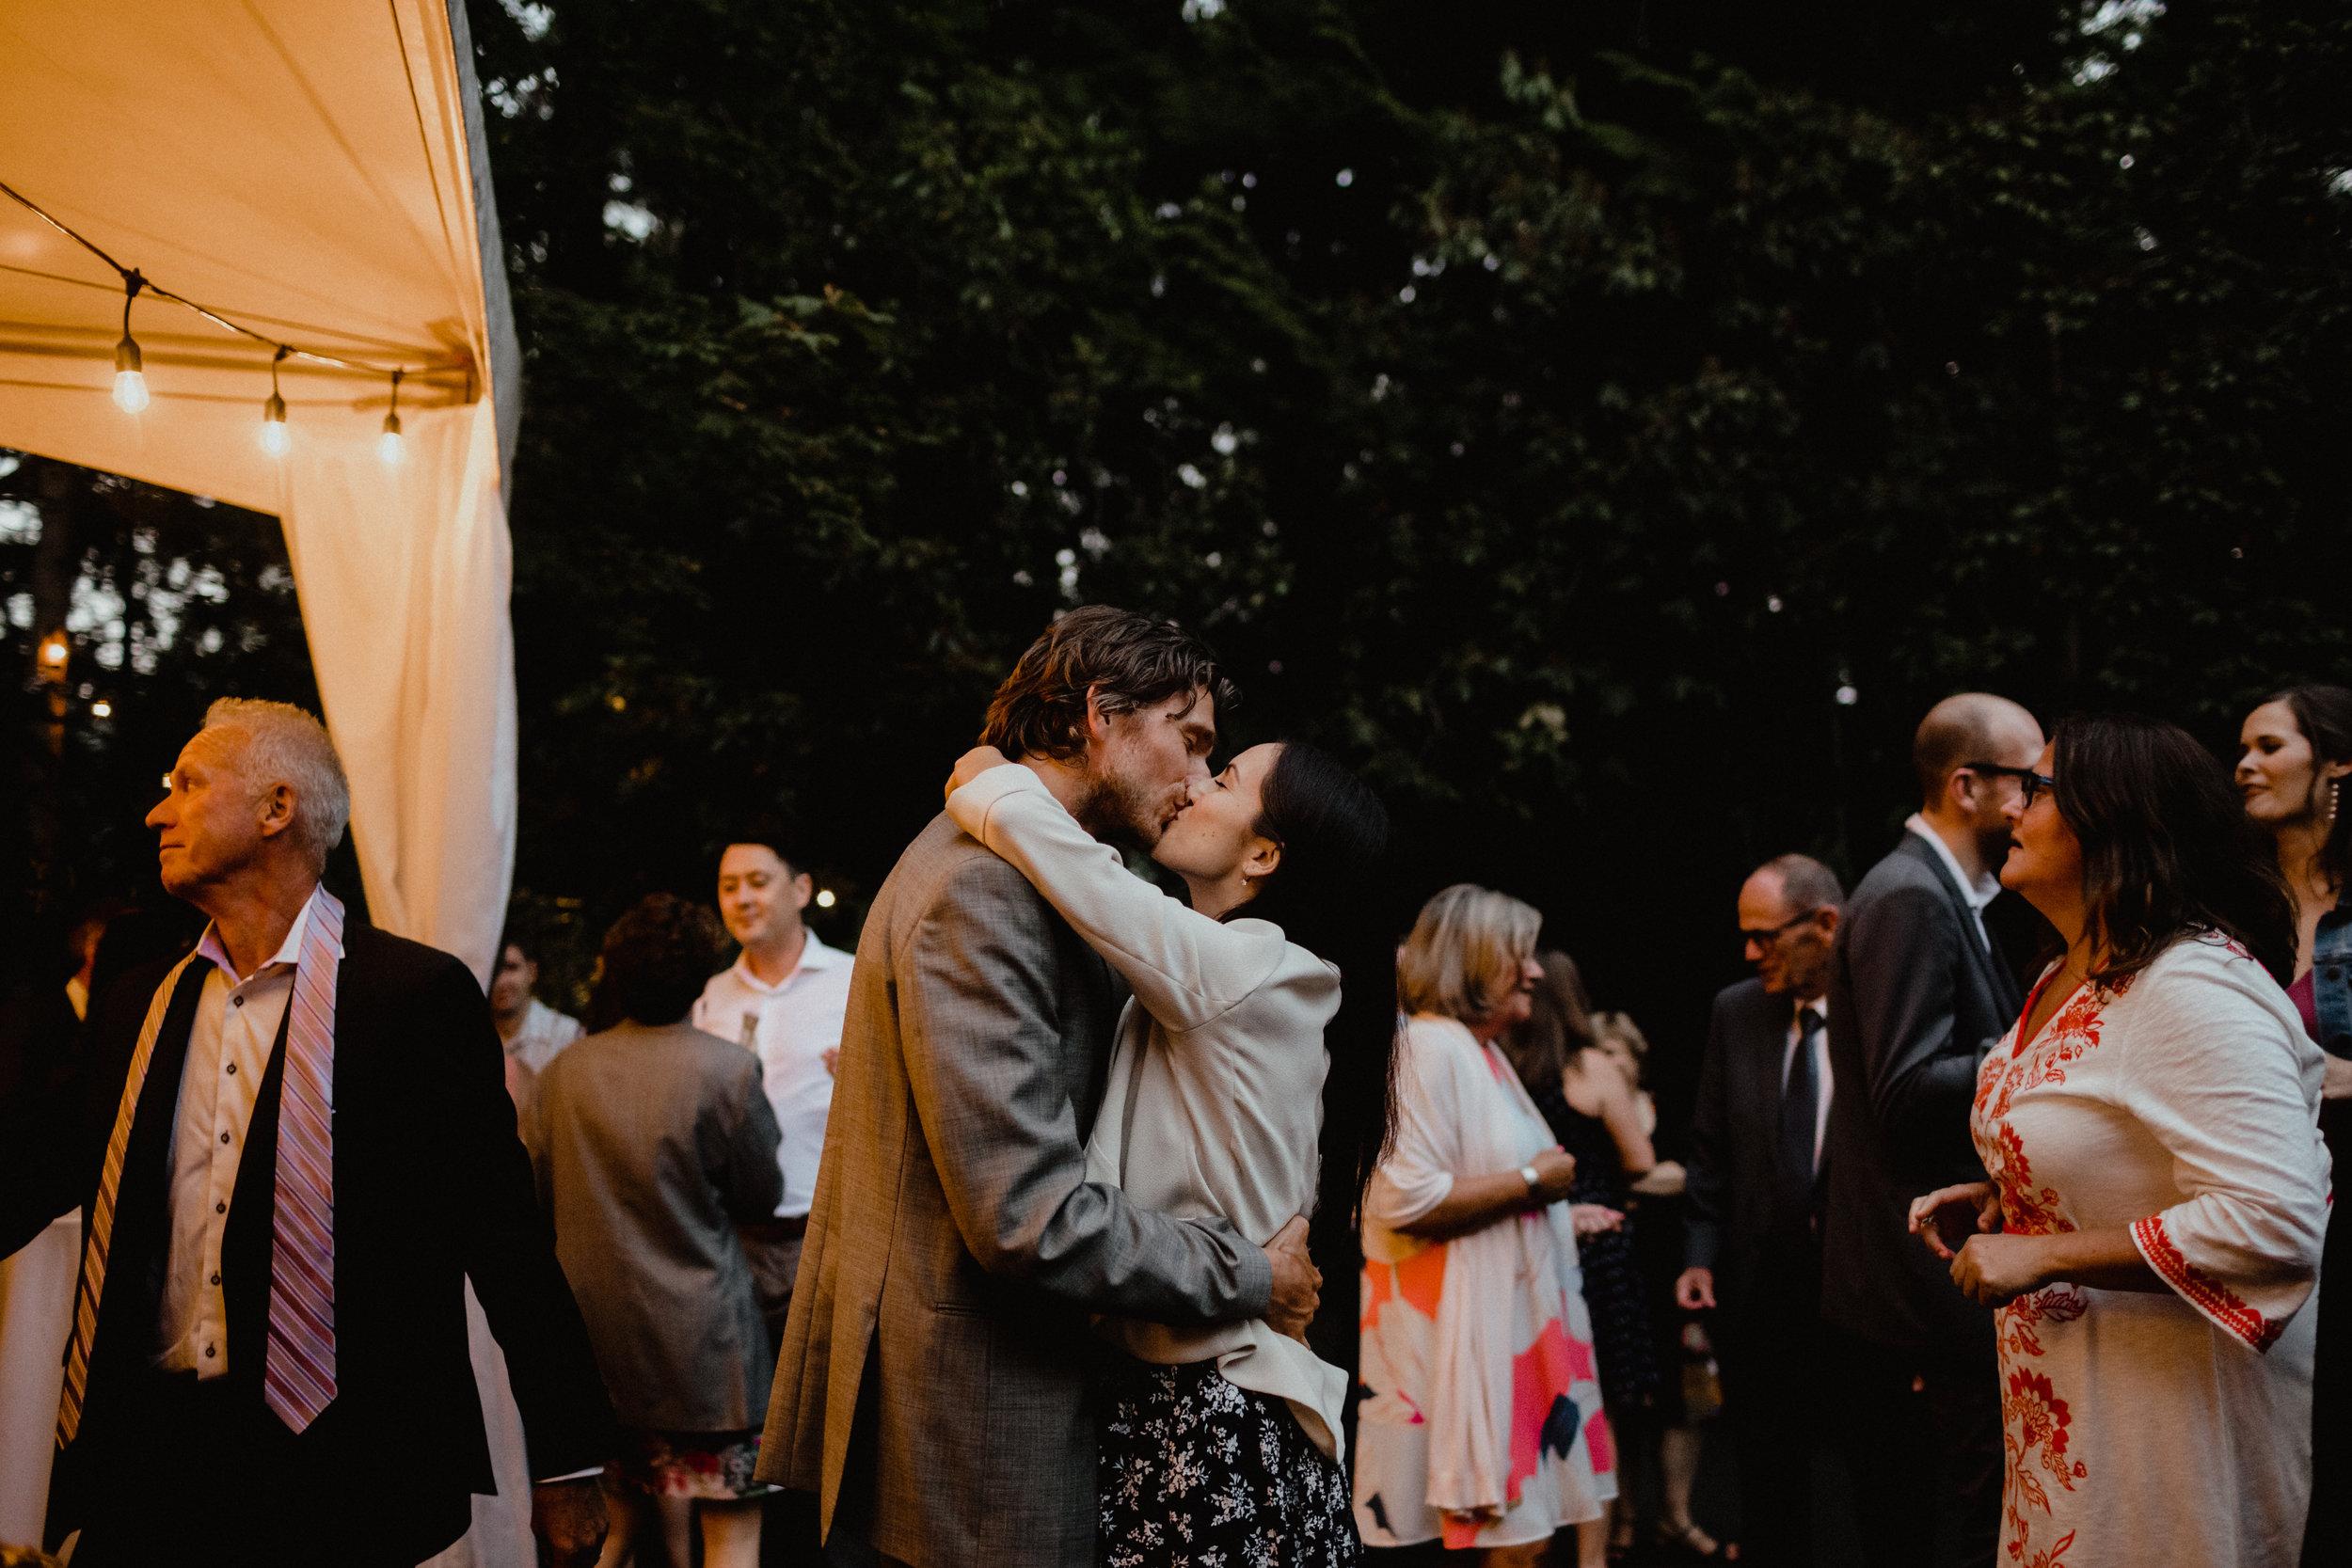 west-vancouver-backyard-wedding-307.jpg